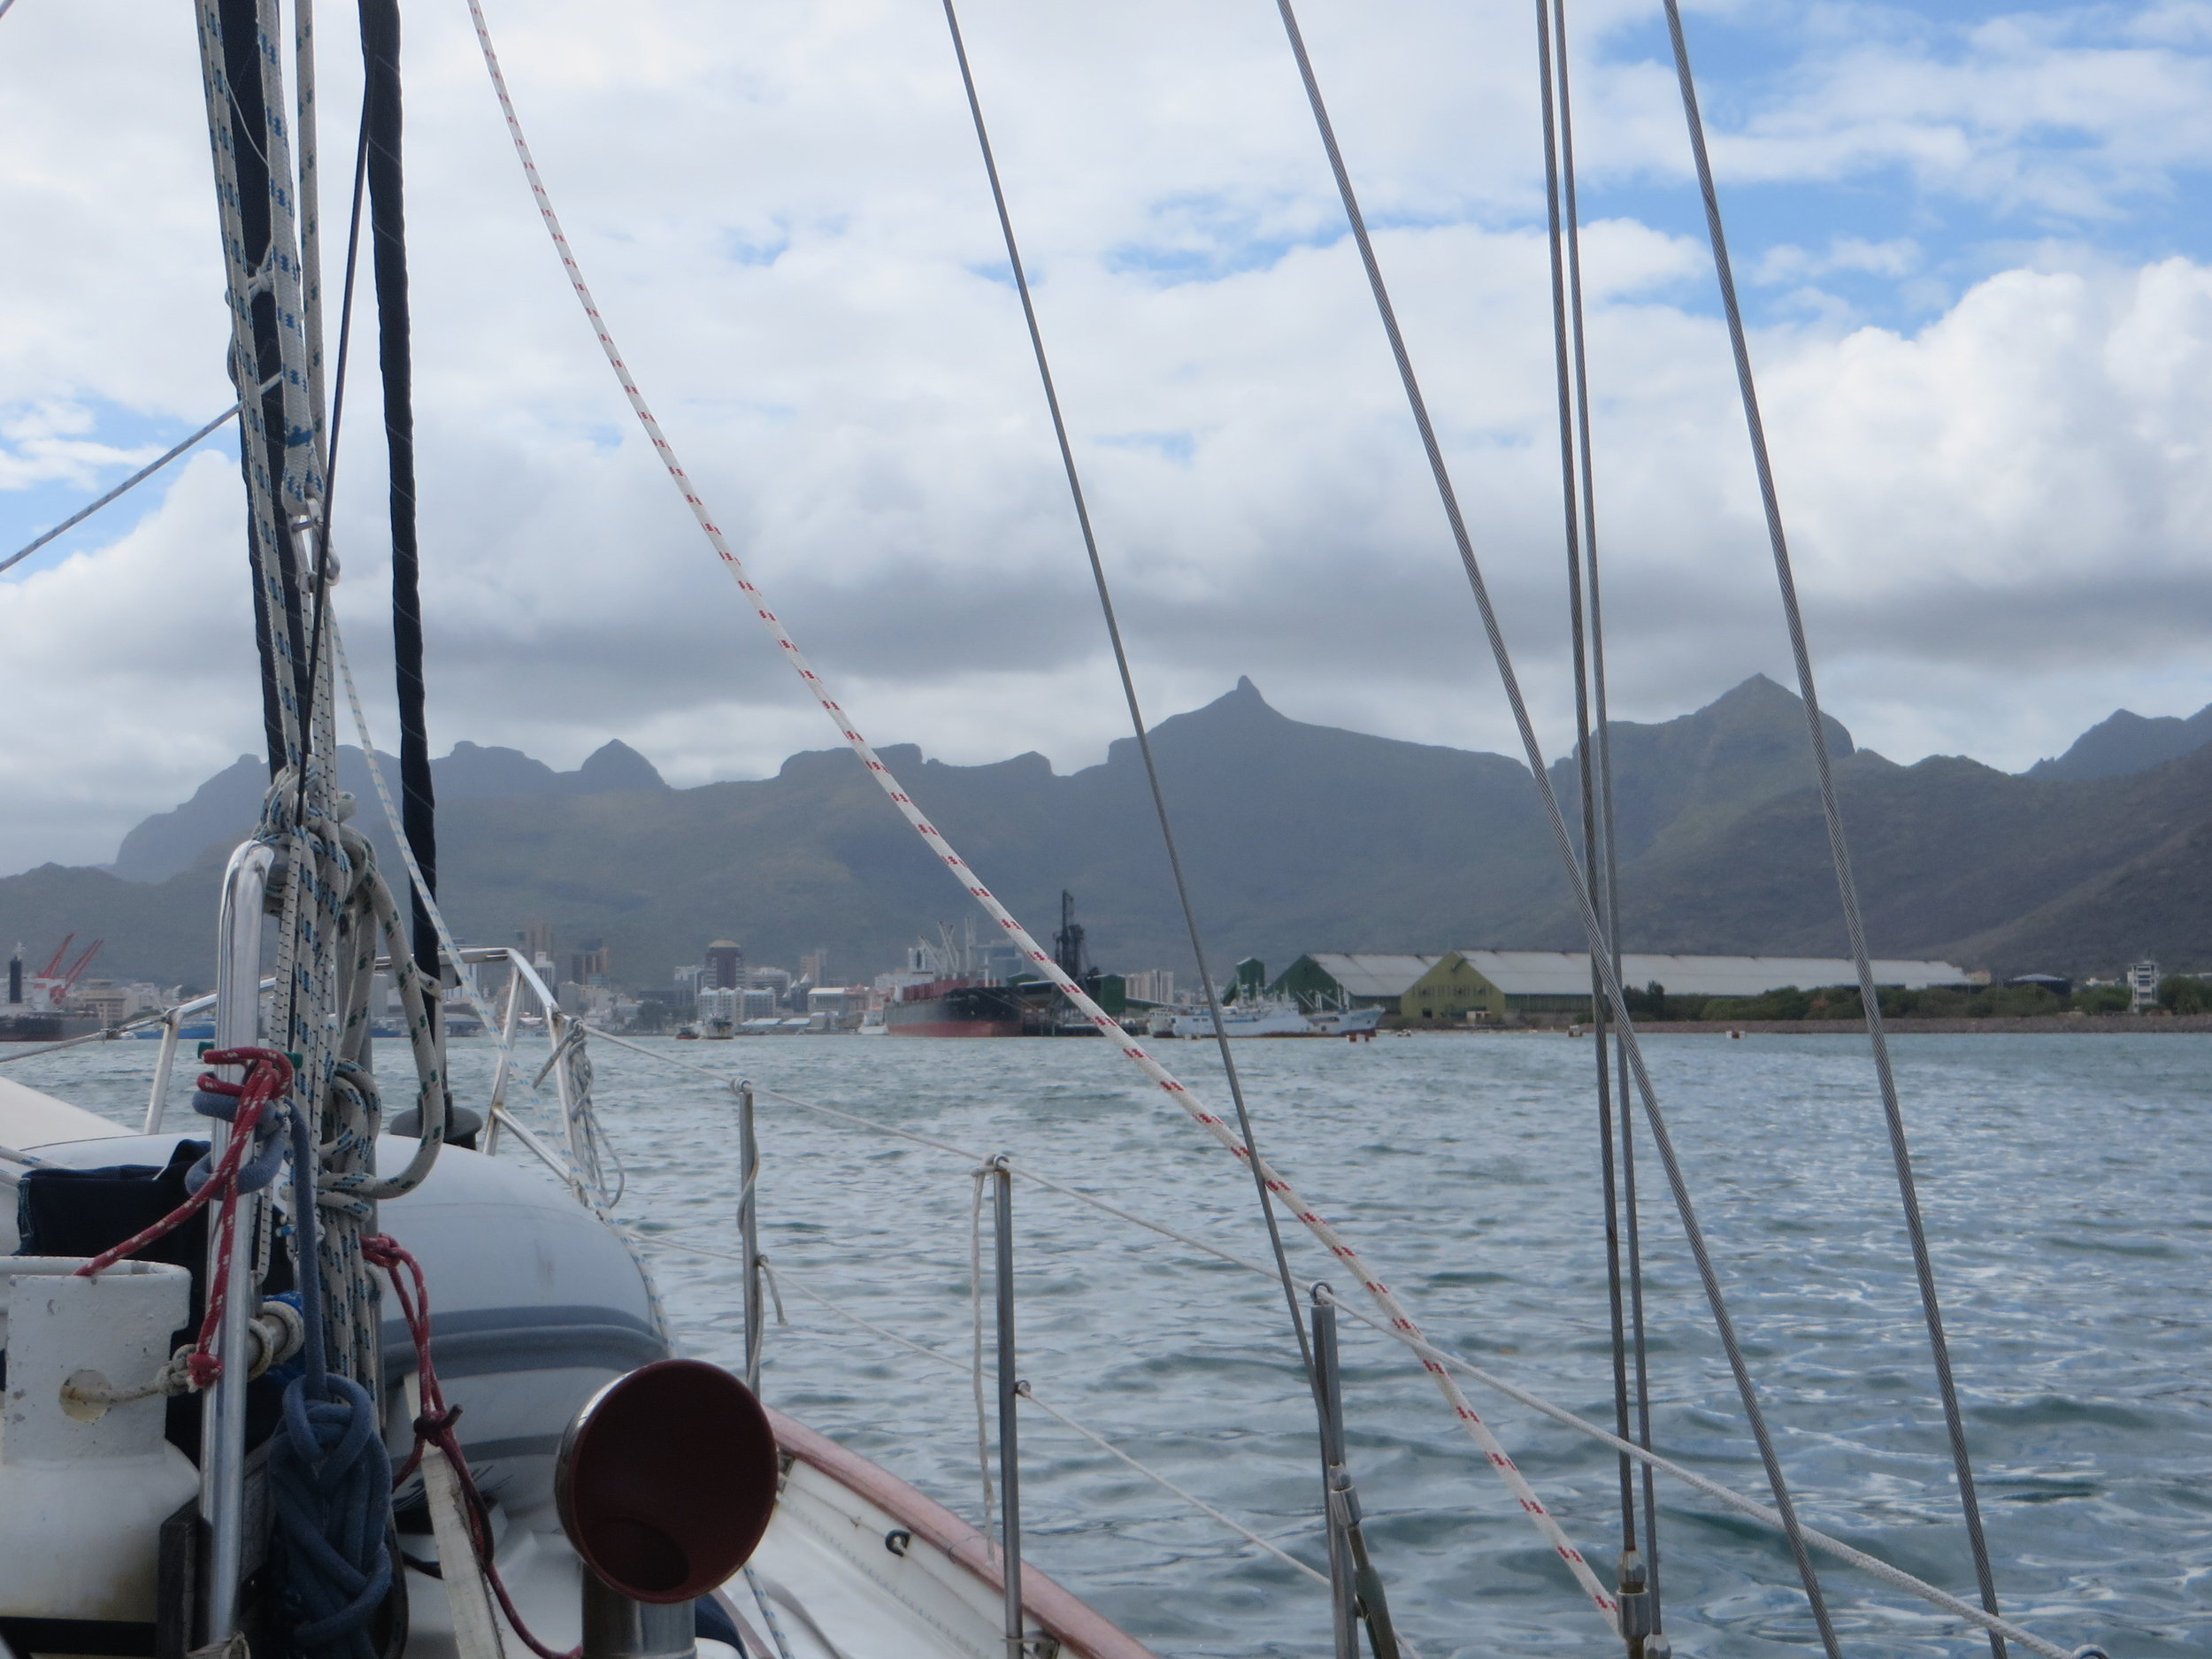 Approaching Port Louis, Mauritius ... WOW!